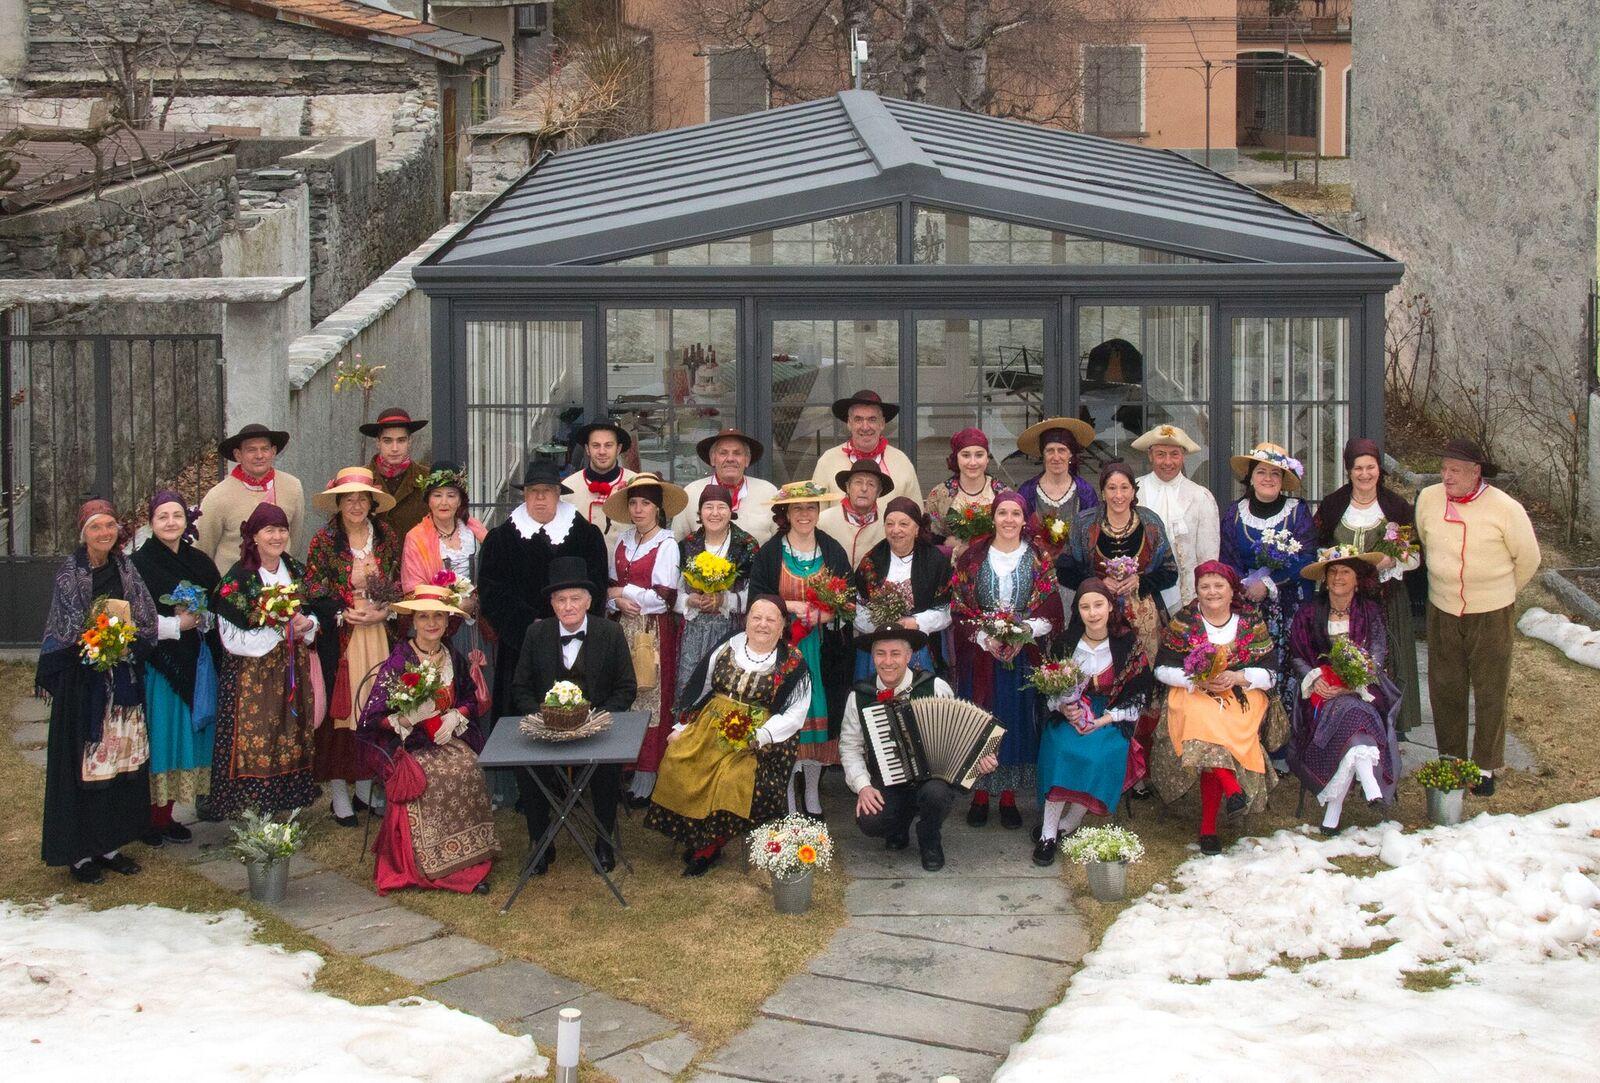 Gruppo Folcloristico Valle Vigezzo - ph. Maurizio Besana